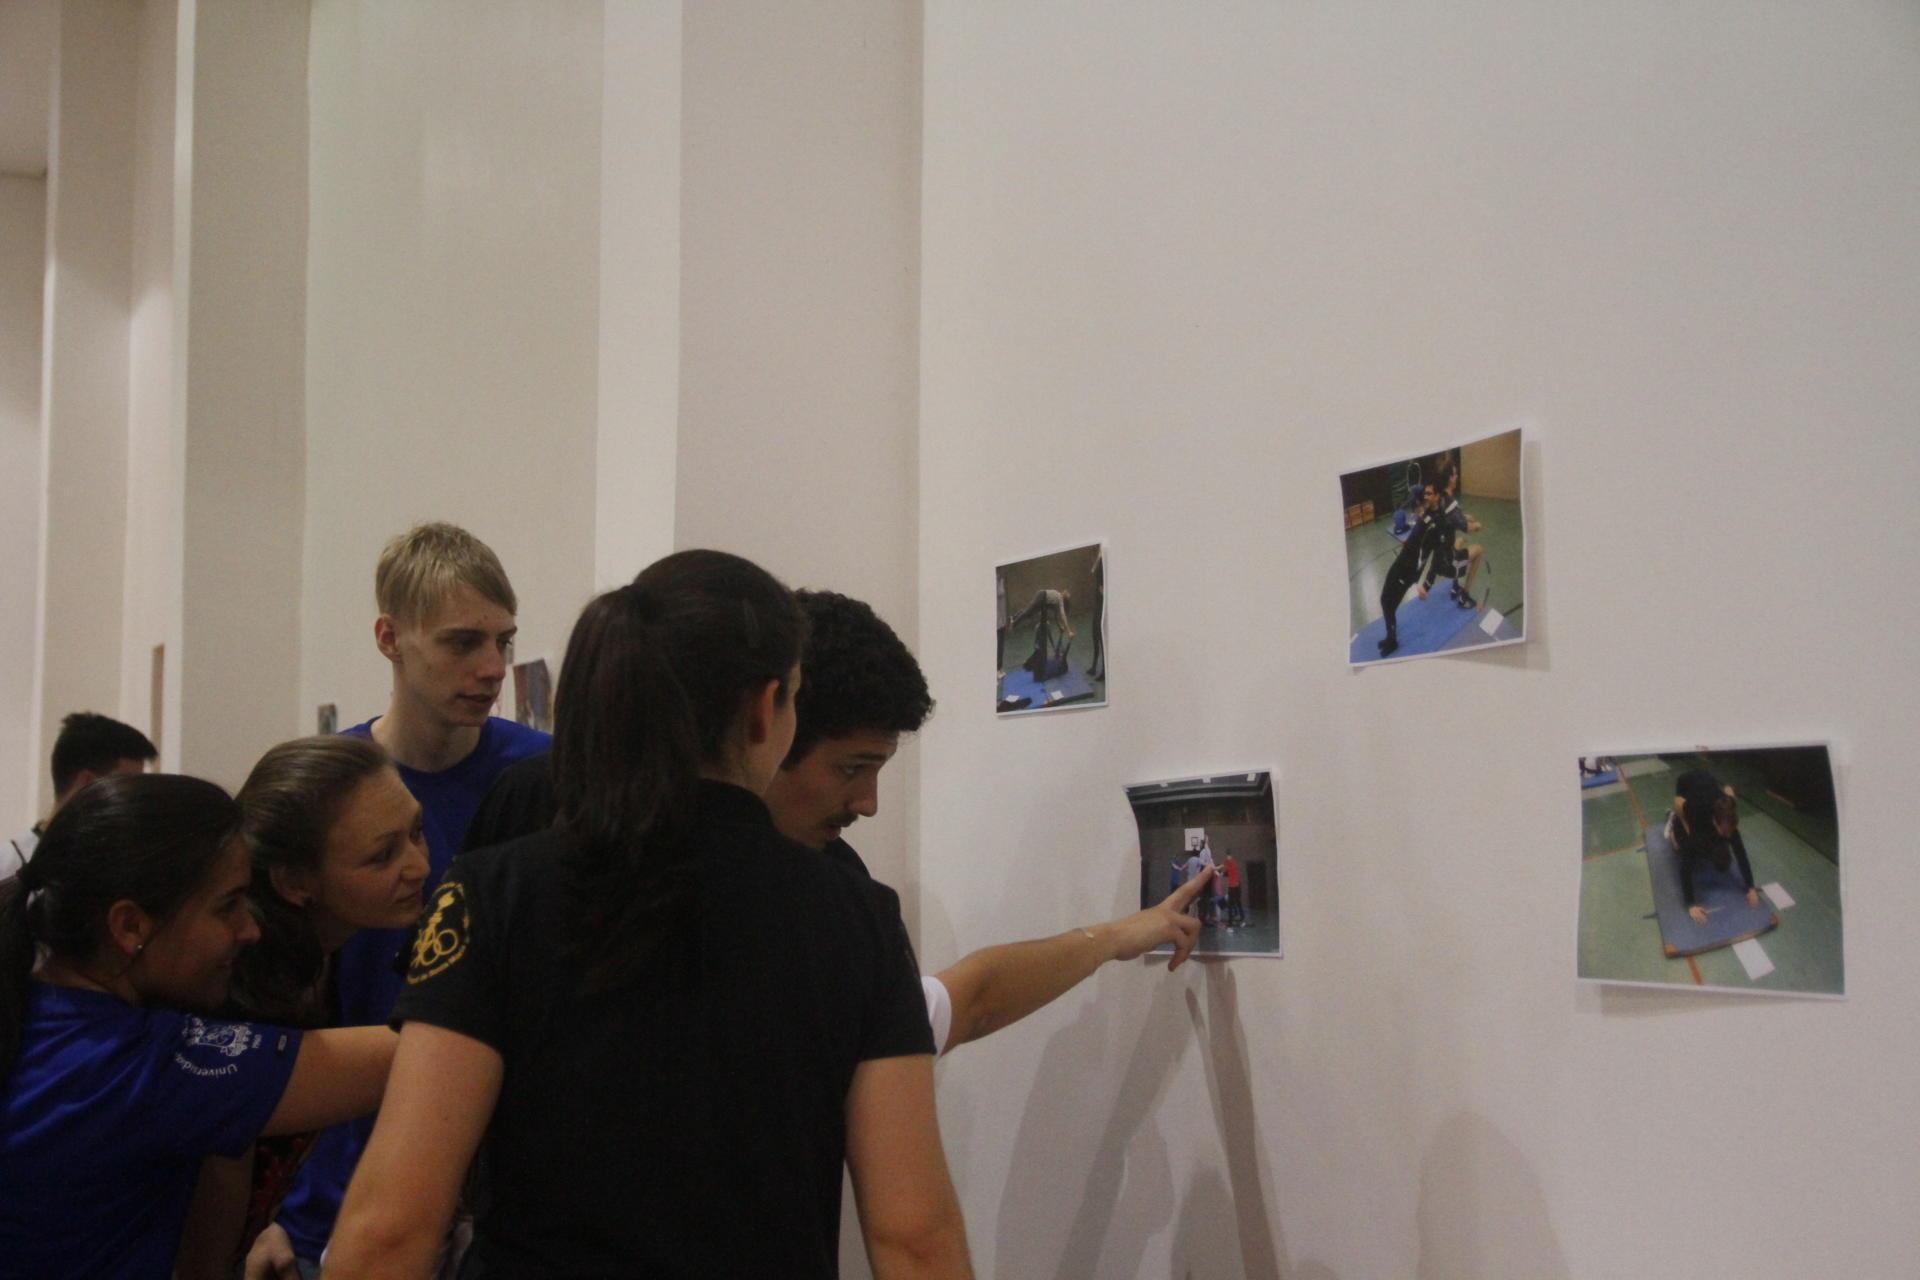 Estudantes avaliam fotos fixadas na parede, que representam diferentes movimentos